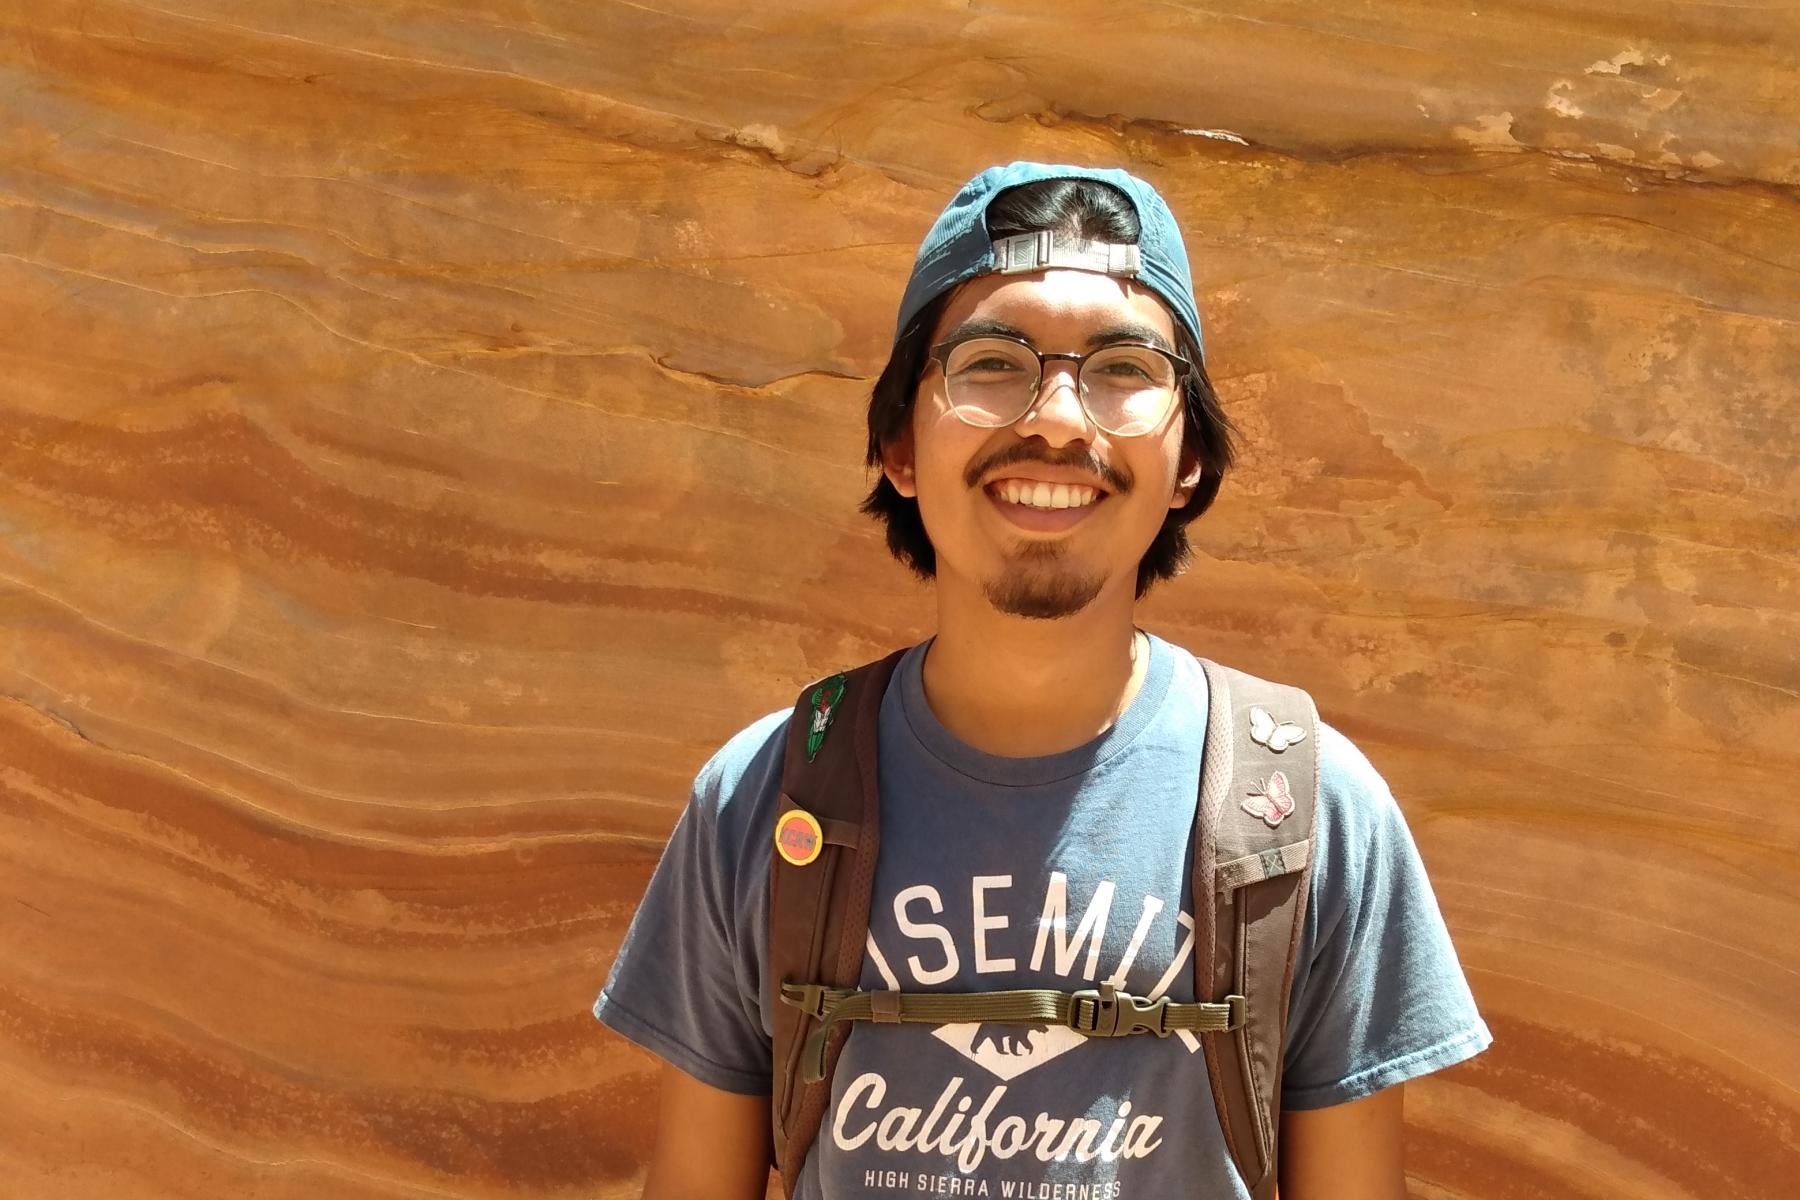 Marvin Contreras lives in Grand Staircase-Escalante